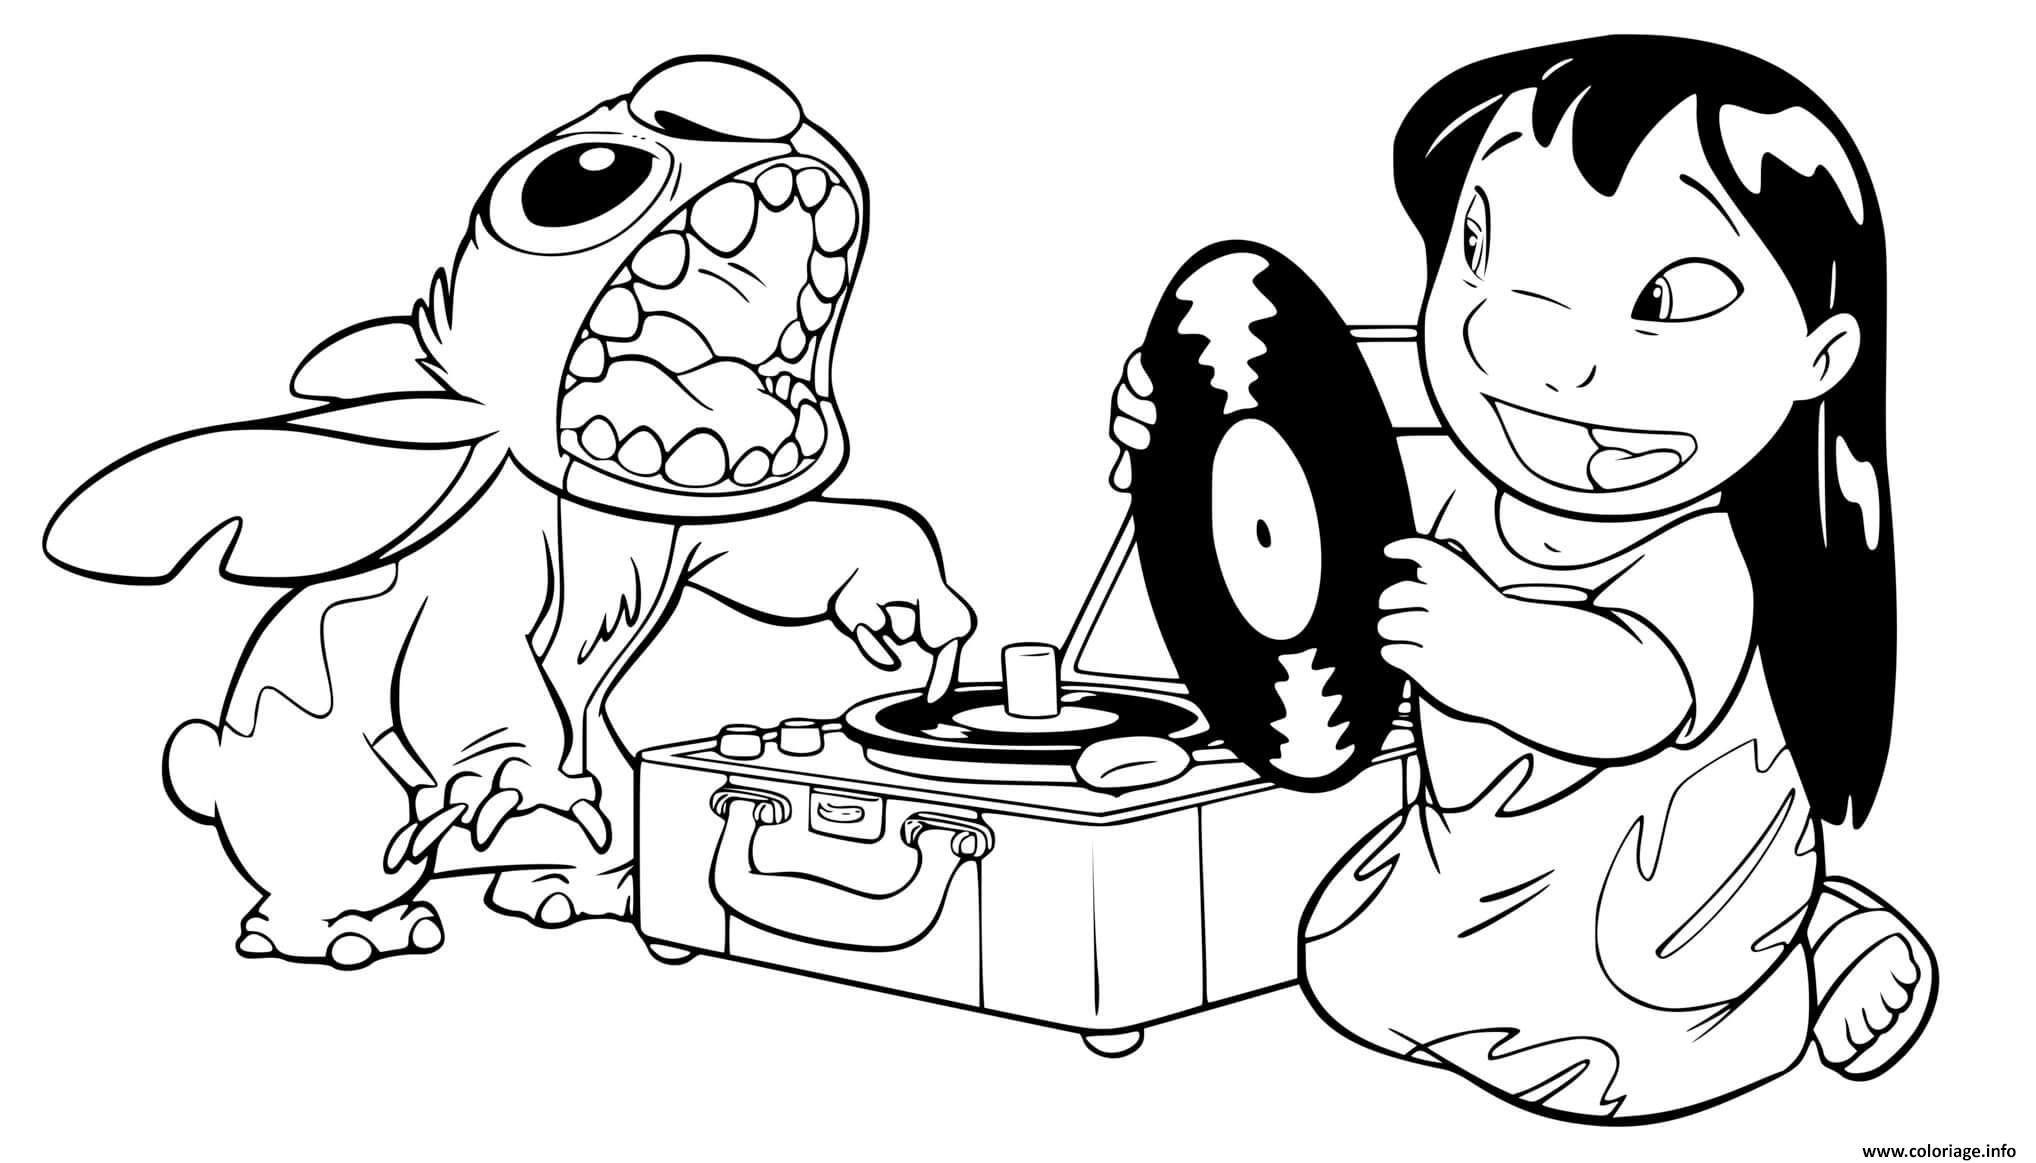 Dessin stitch et lilo ecoute de la musique Coloriage Gratuit à Imprimer